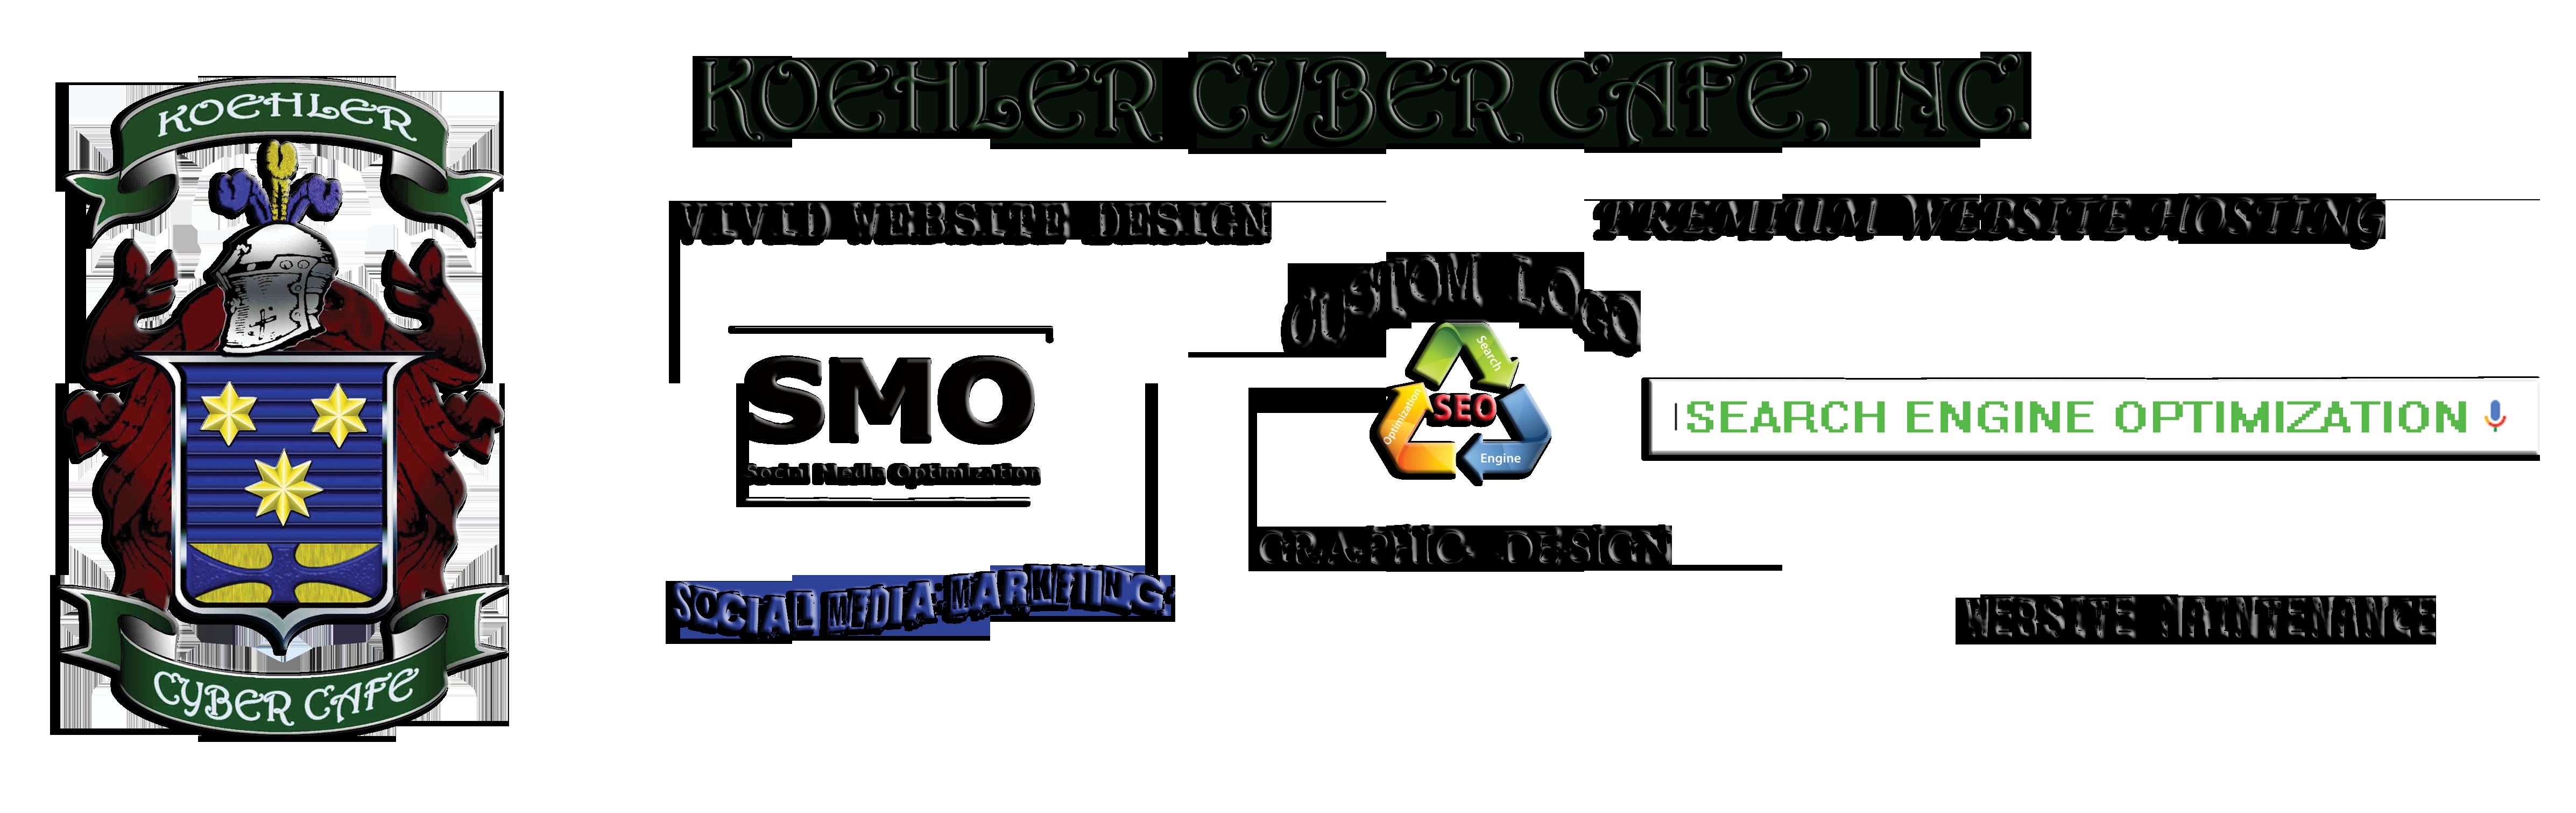 Koehler Cyber Cafe Banner